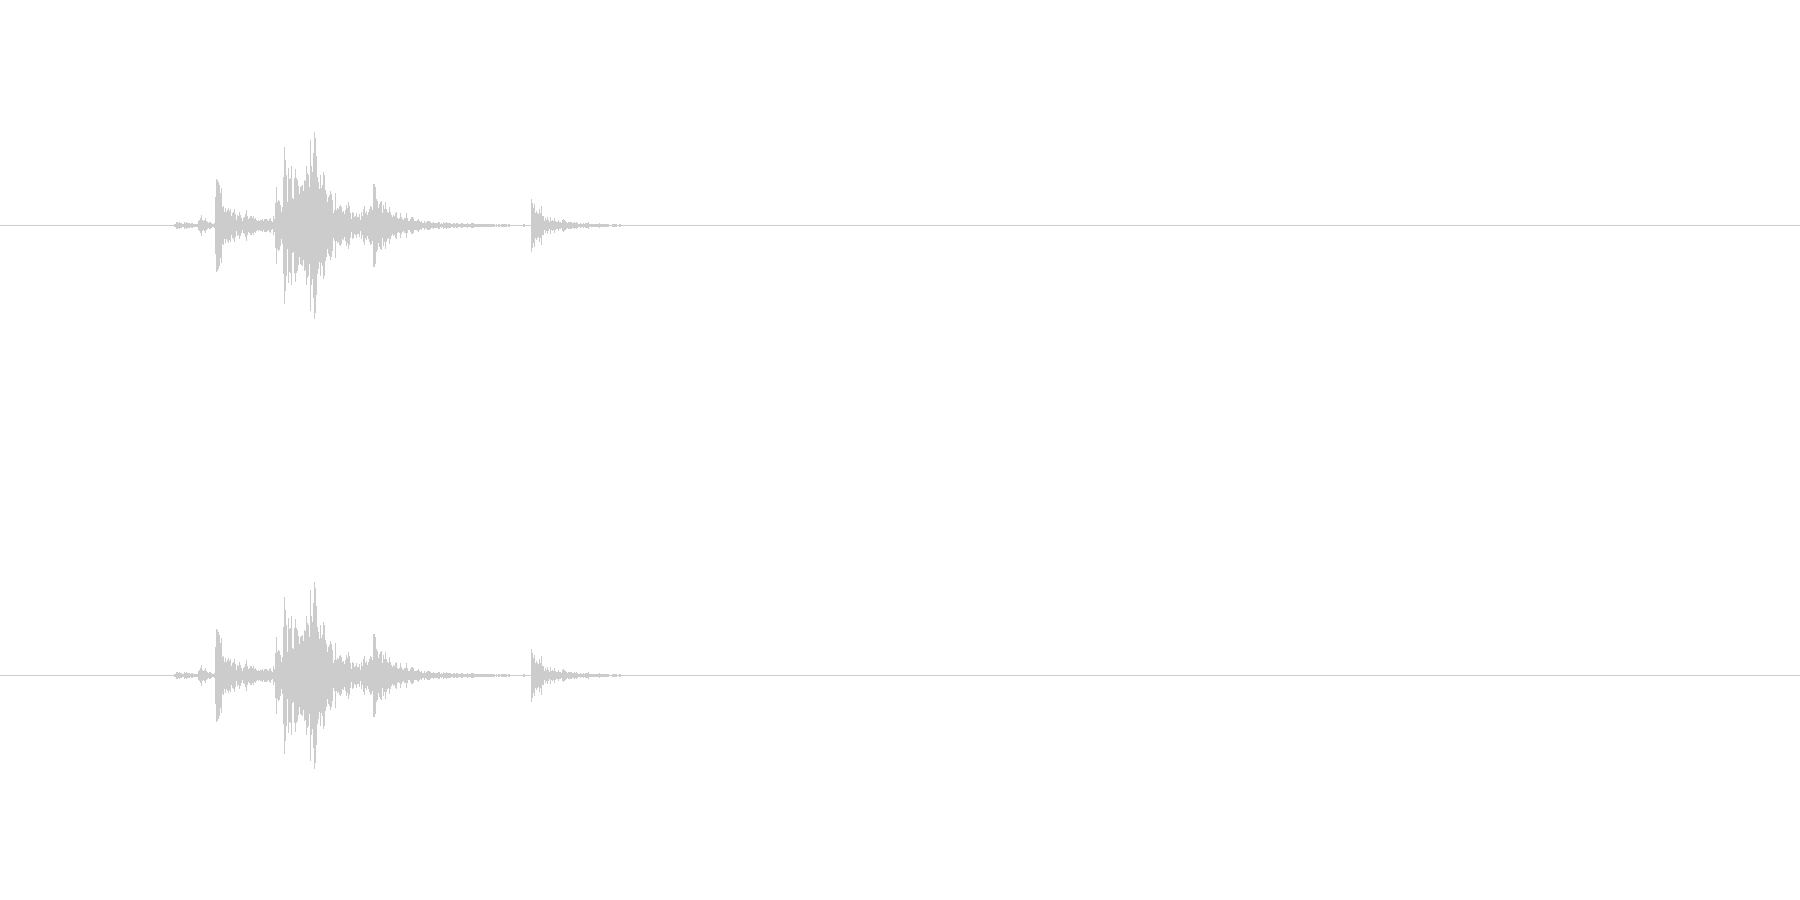 【筆箱01-7(振る)】の未再生の波形